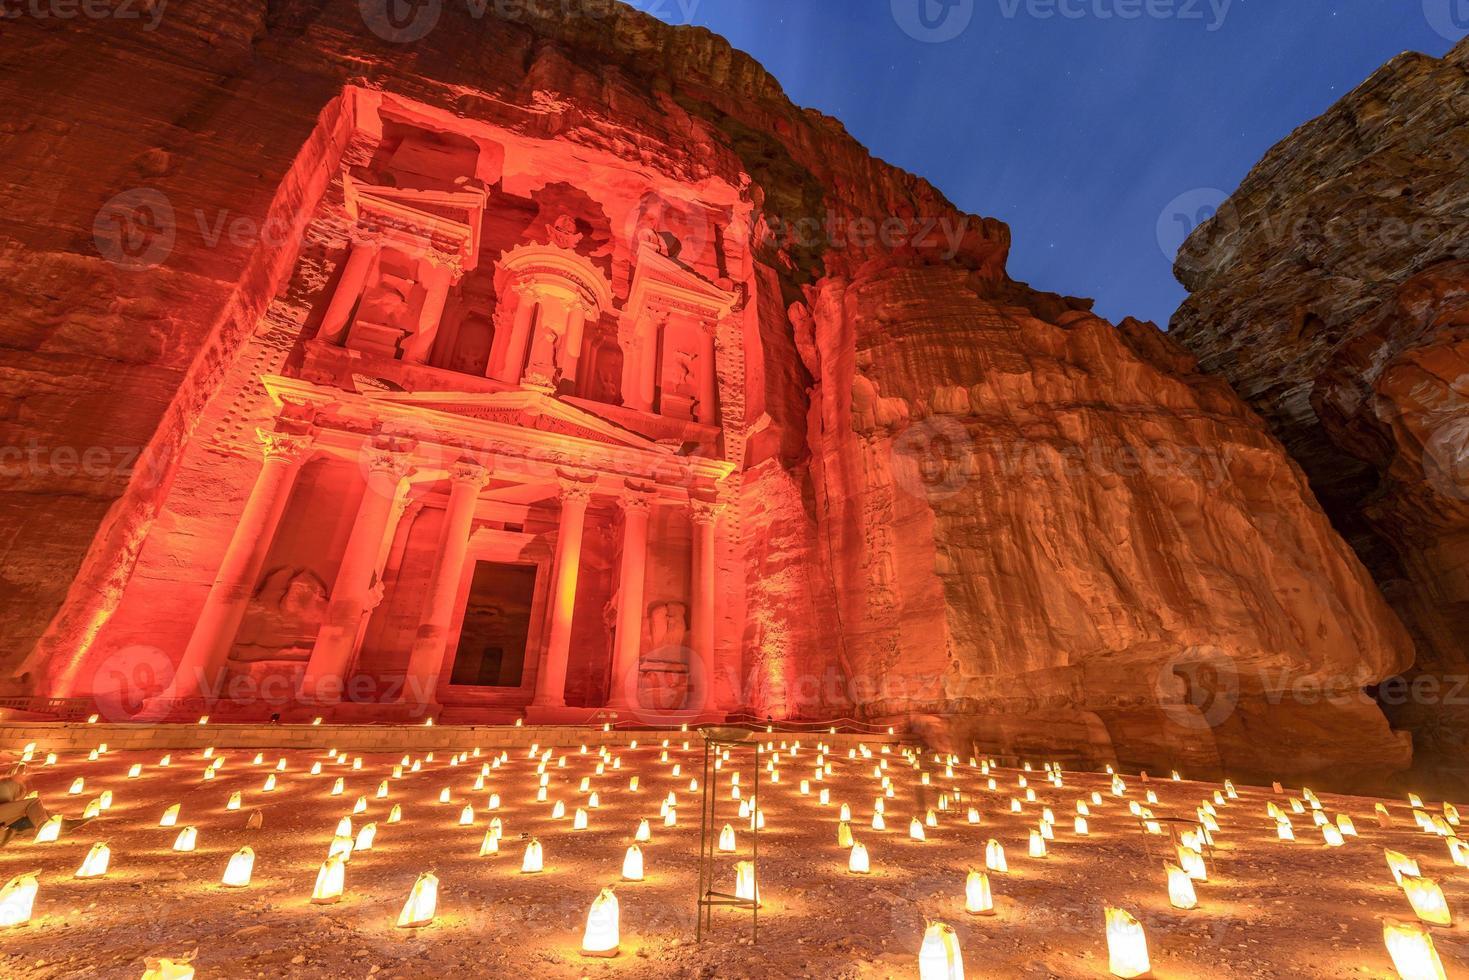 Pétra de nuit en Jordanie. photo